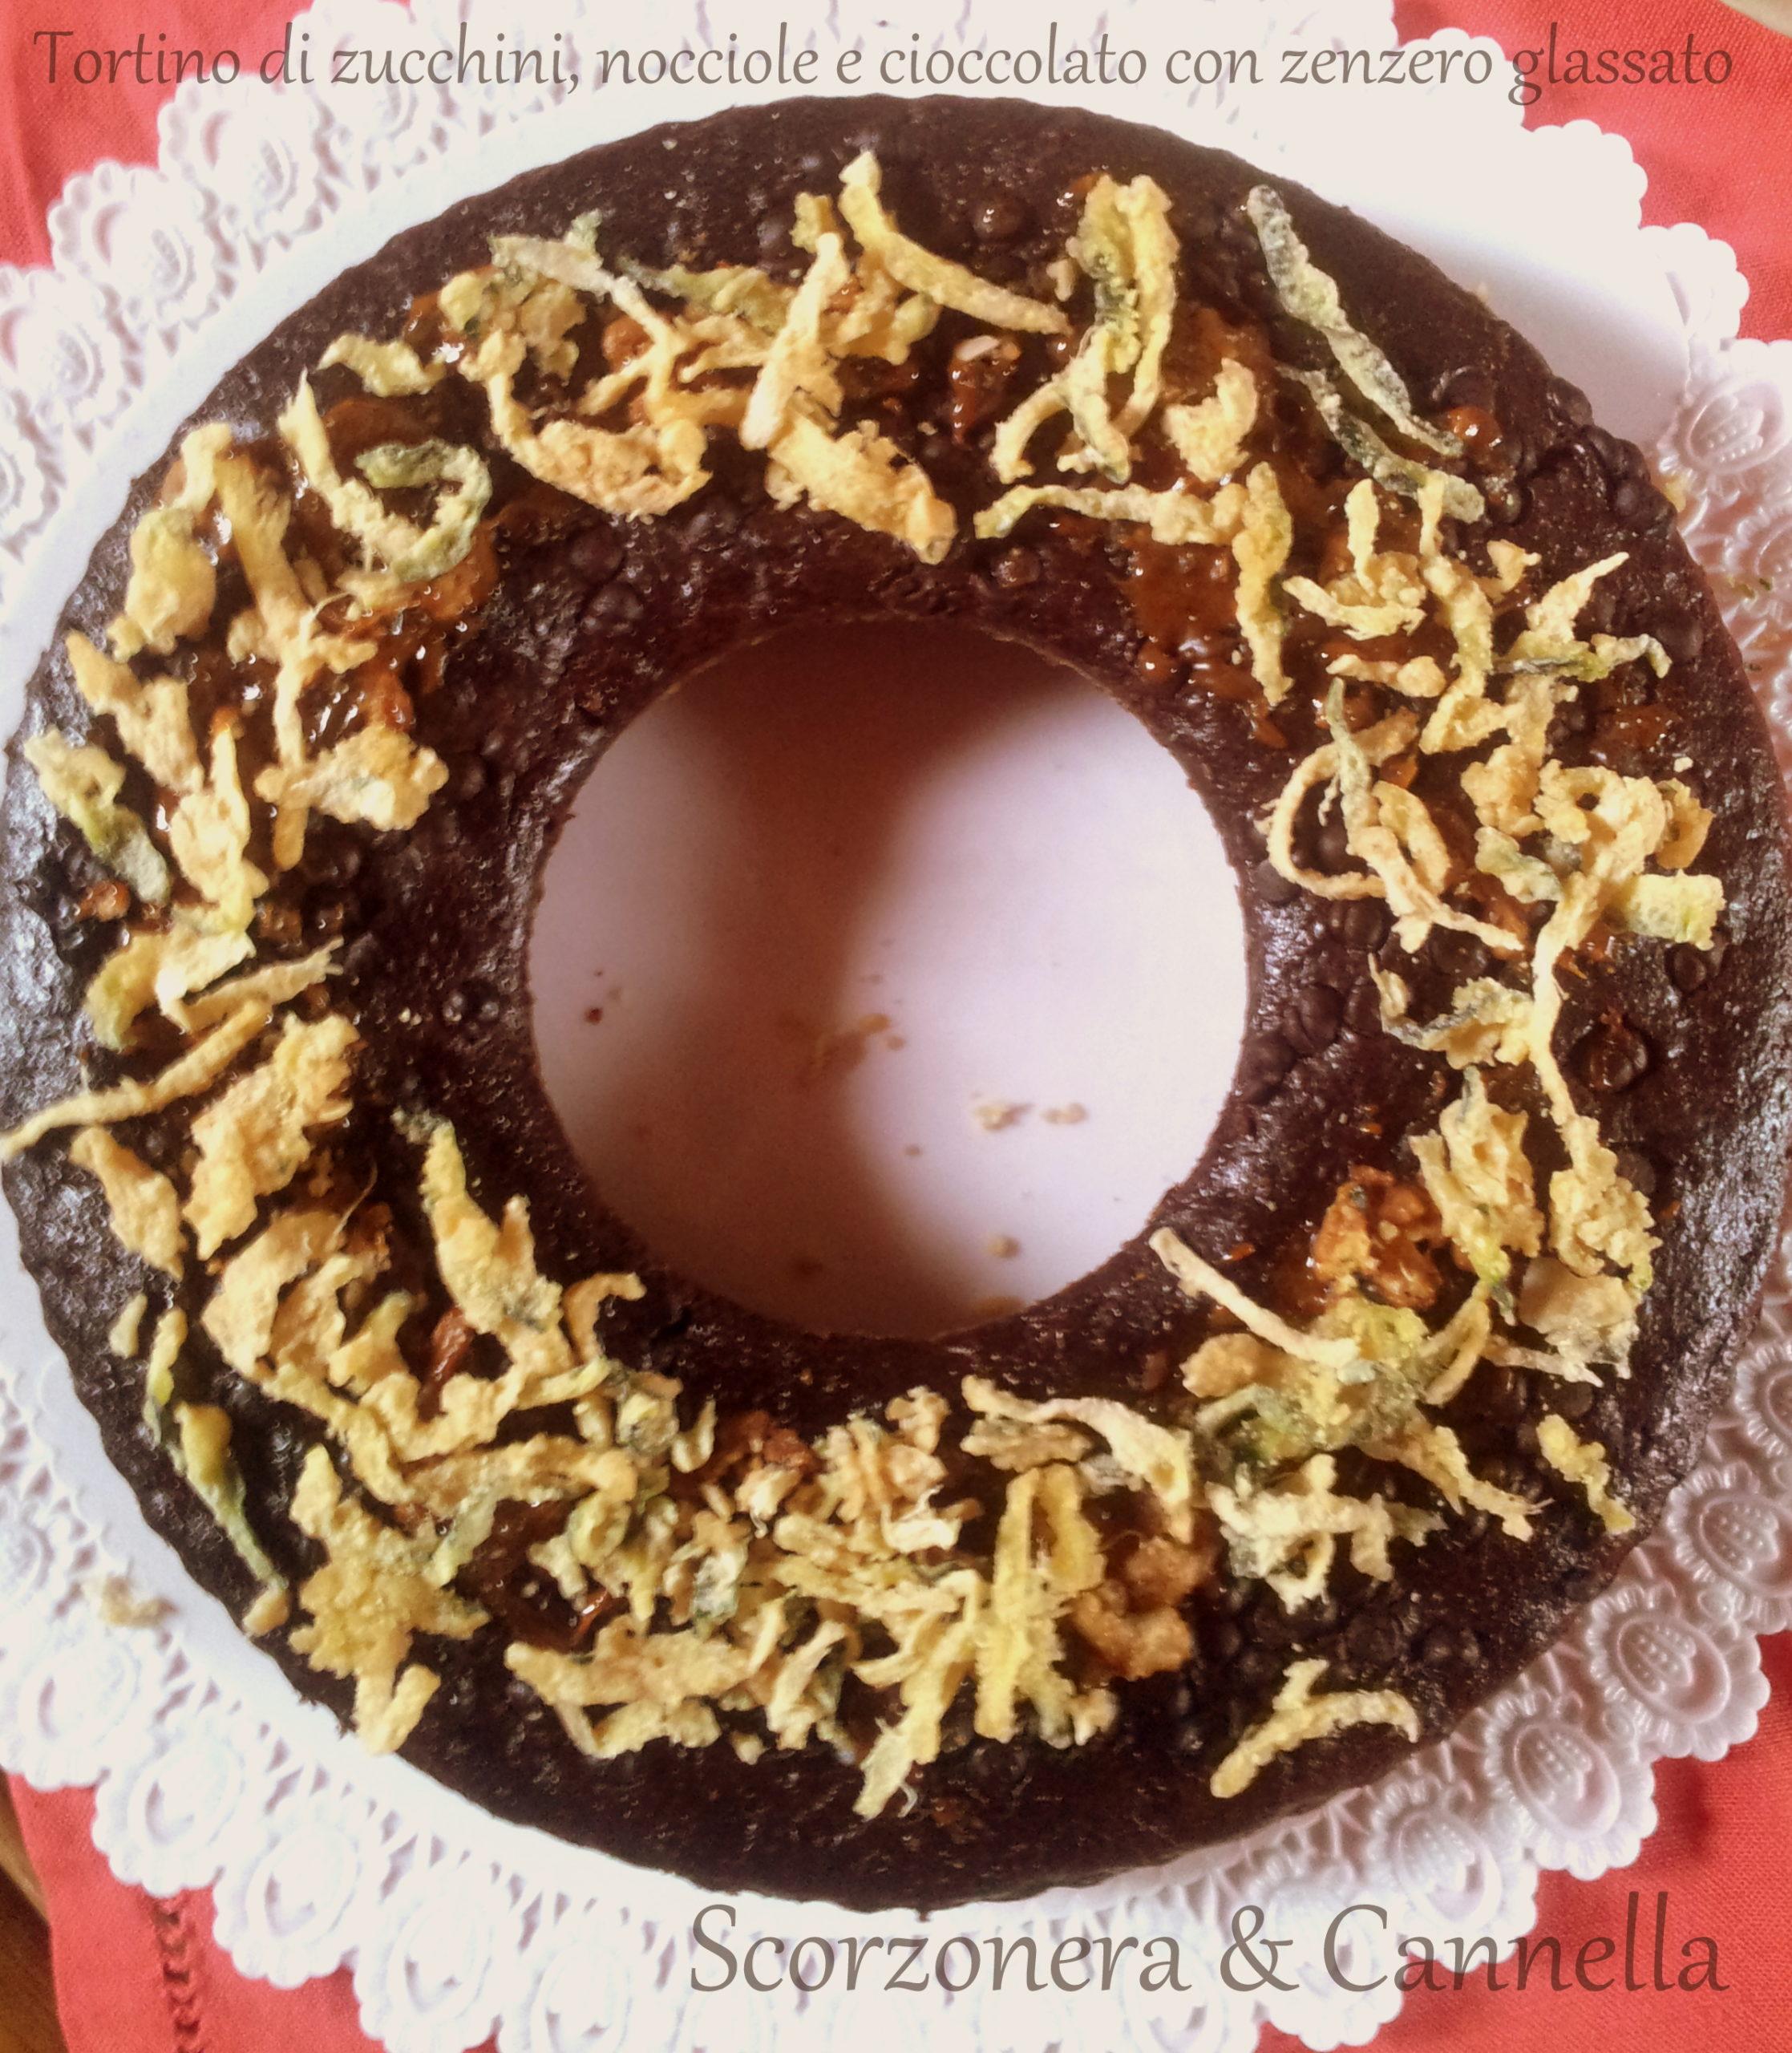 Torta di zucchine con cioccolato, nocciole e zenzero glassato